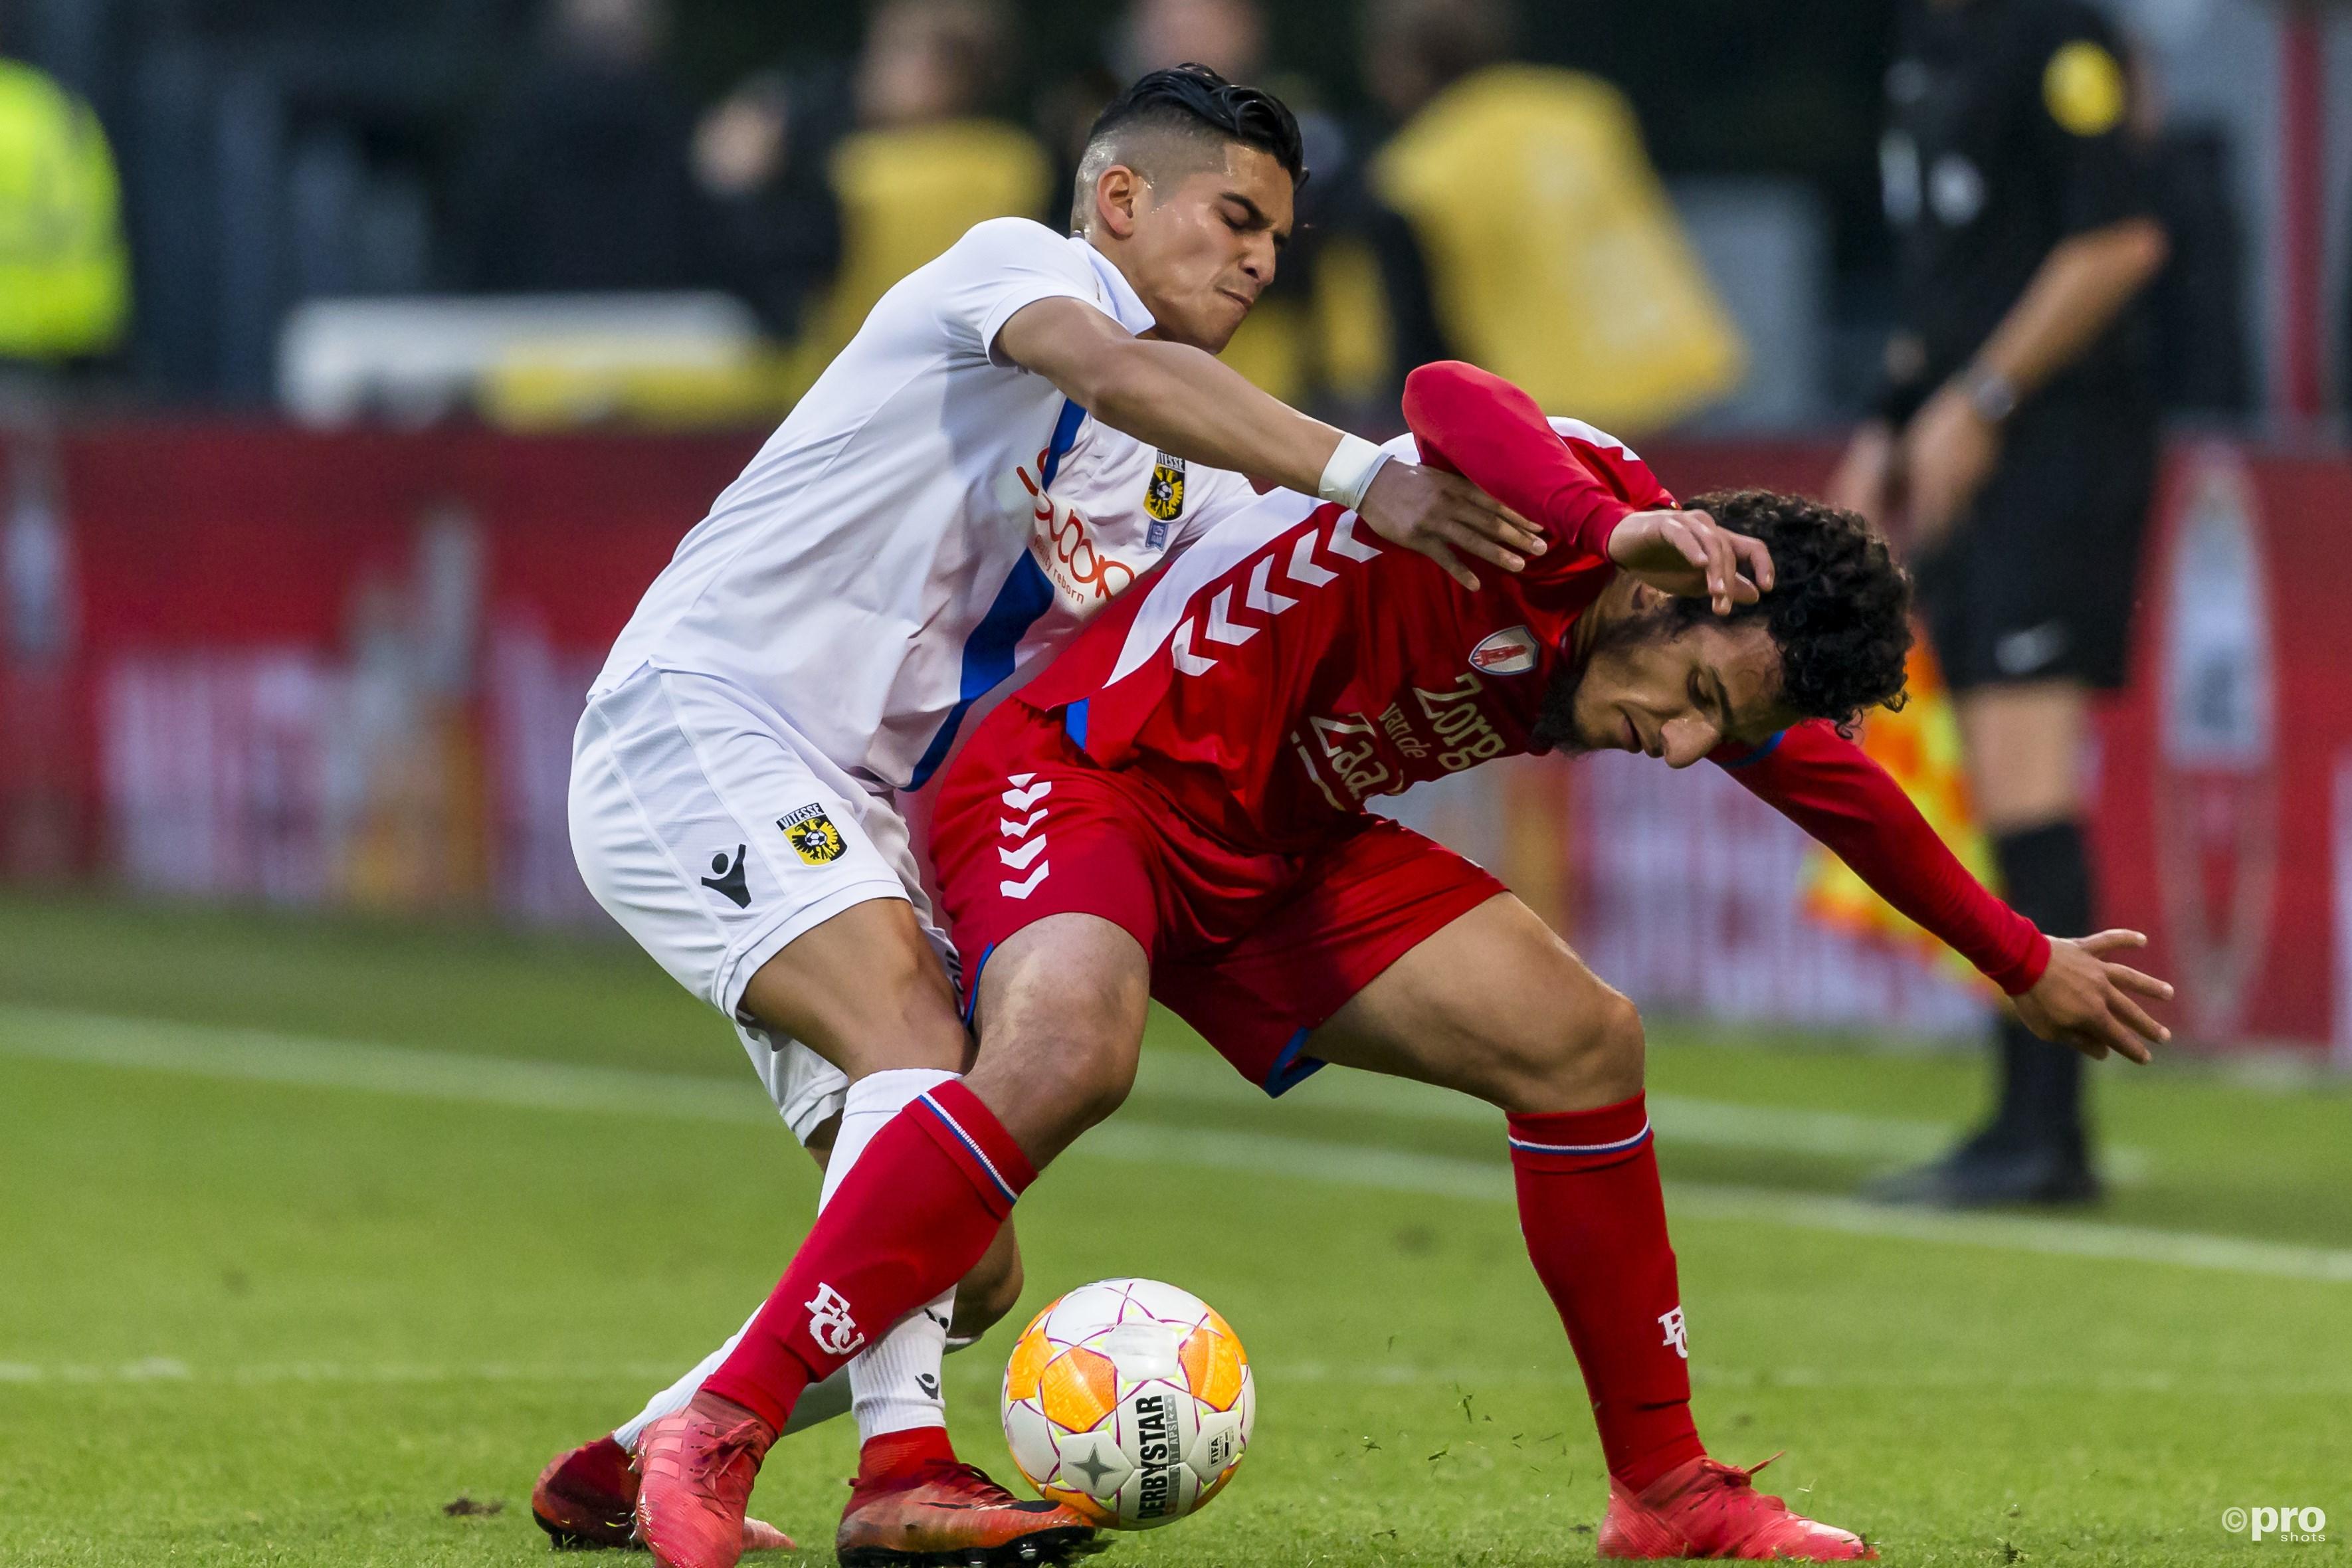 Vitesse-speler Navarone Foor in duel met FC Utrecht-speler Yassin Ayoub. (PRO SHOTS/Marcel van Dorst)